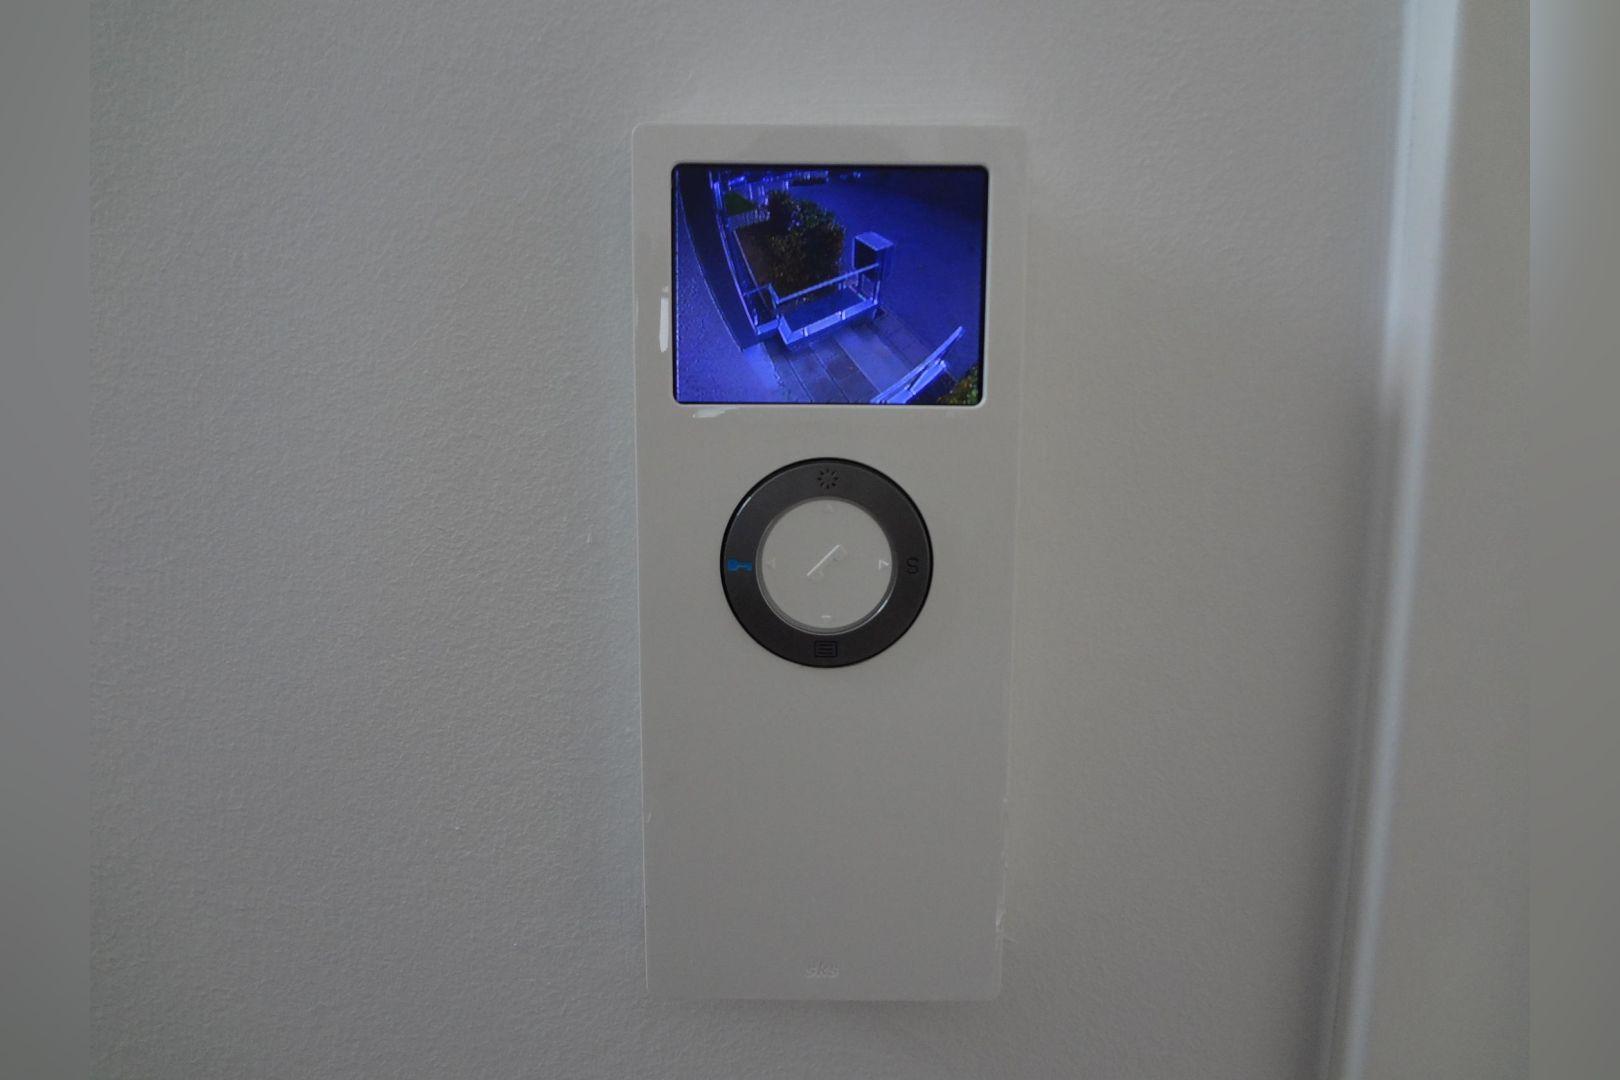 Immobilie Nr.0285 - 3-Zimmer-Maisonettewohnung mit Dachterrasse und TG-Stellplatz - Bild 15.jpg